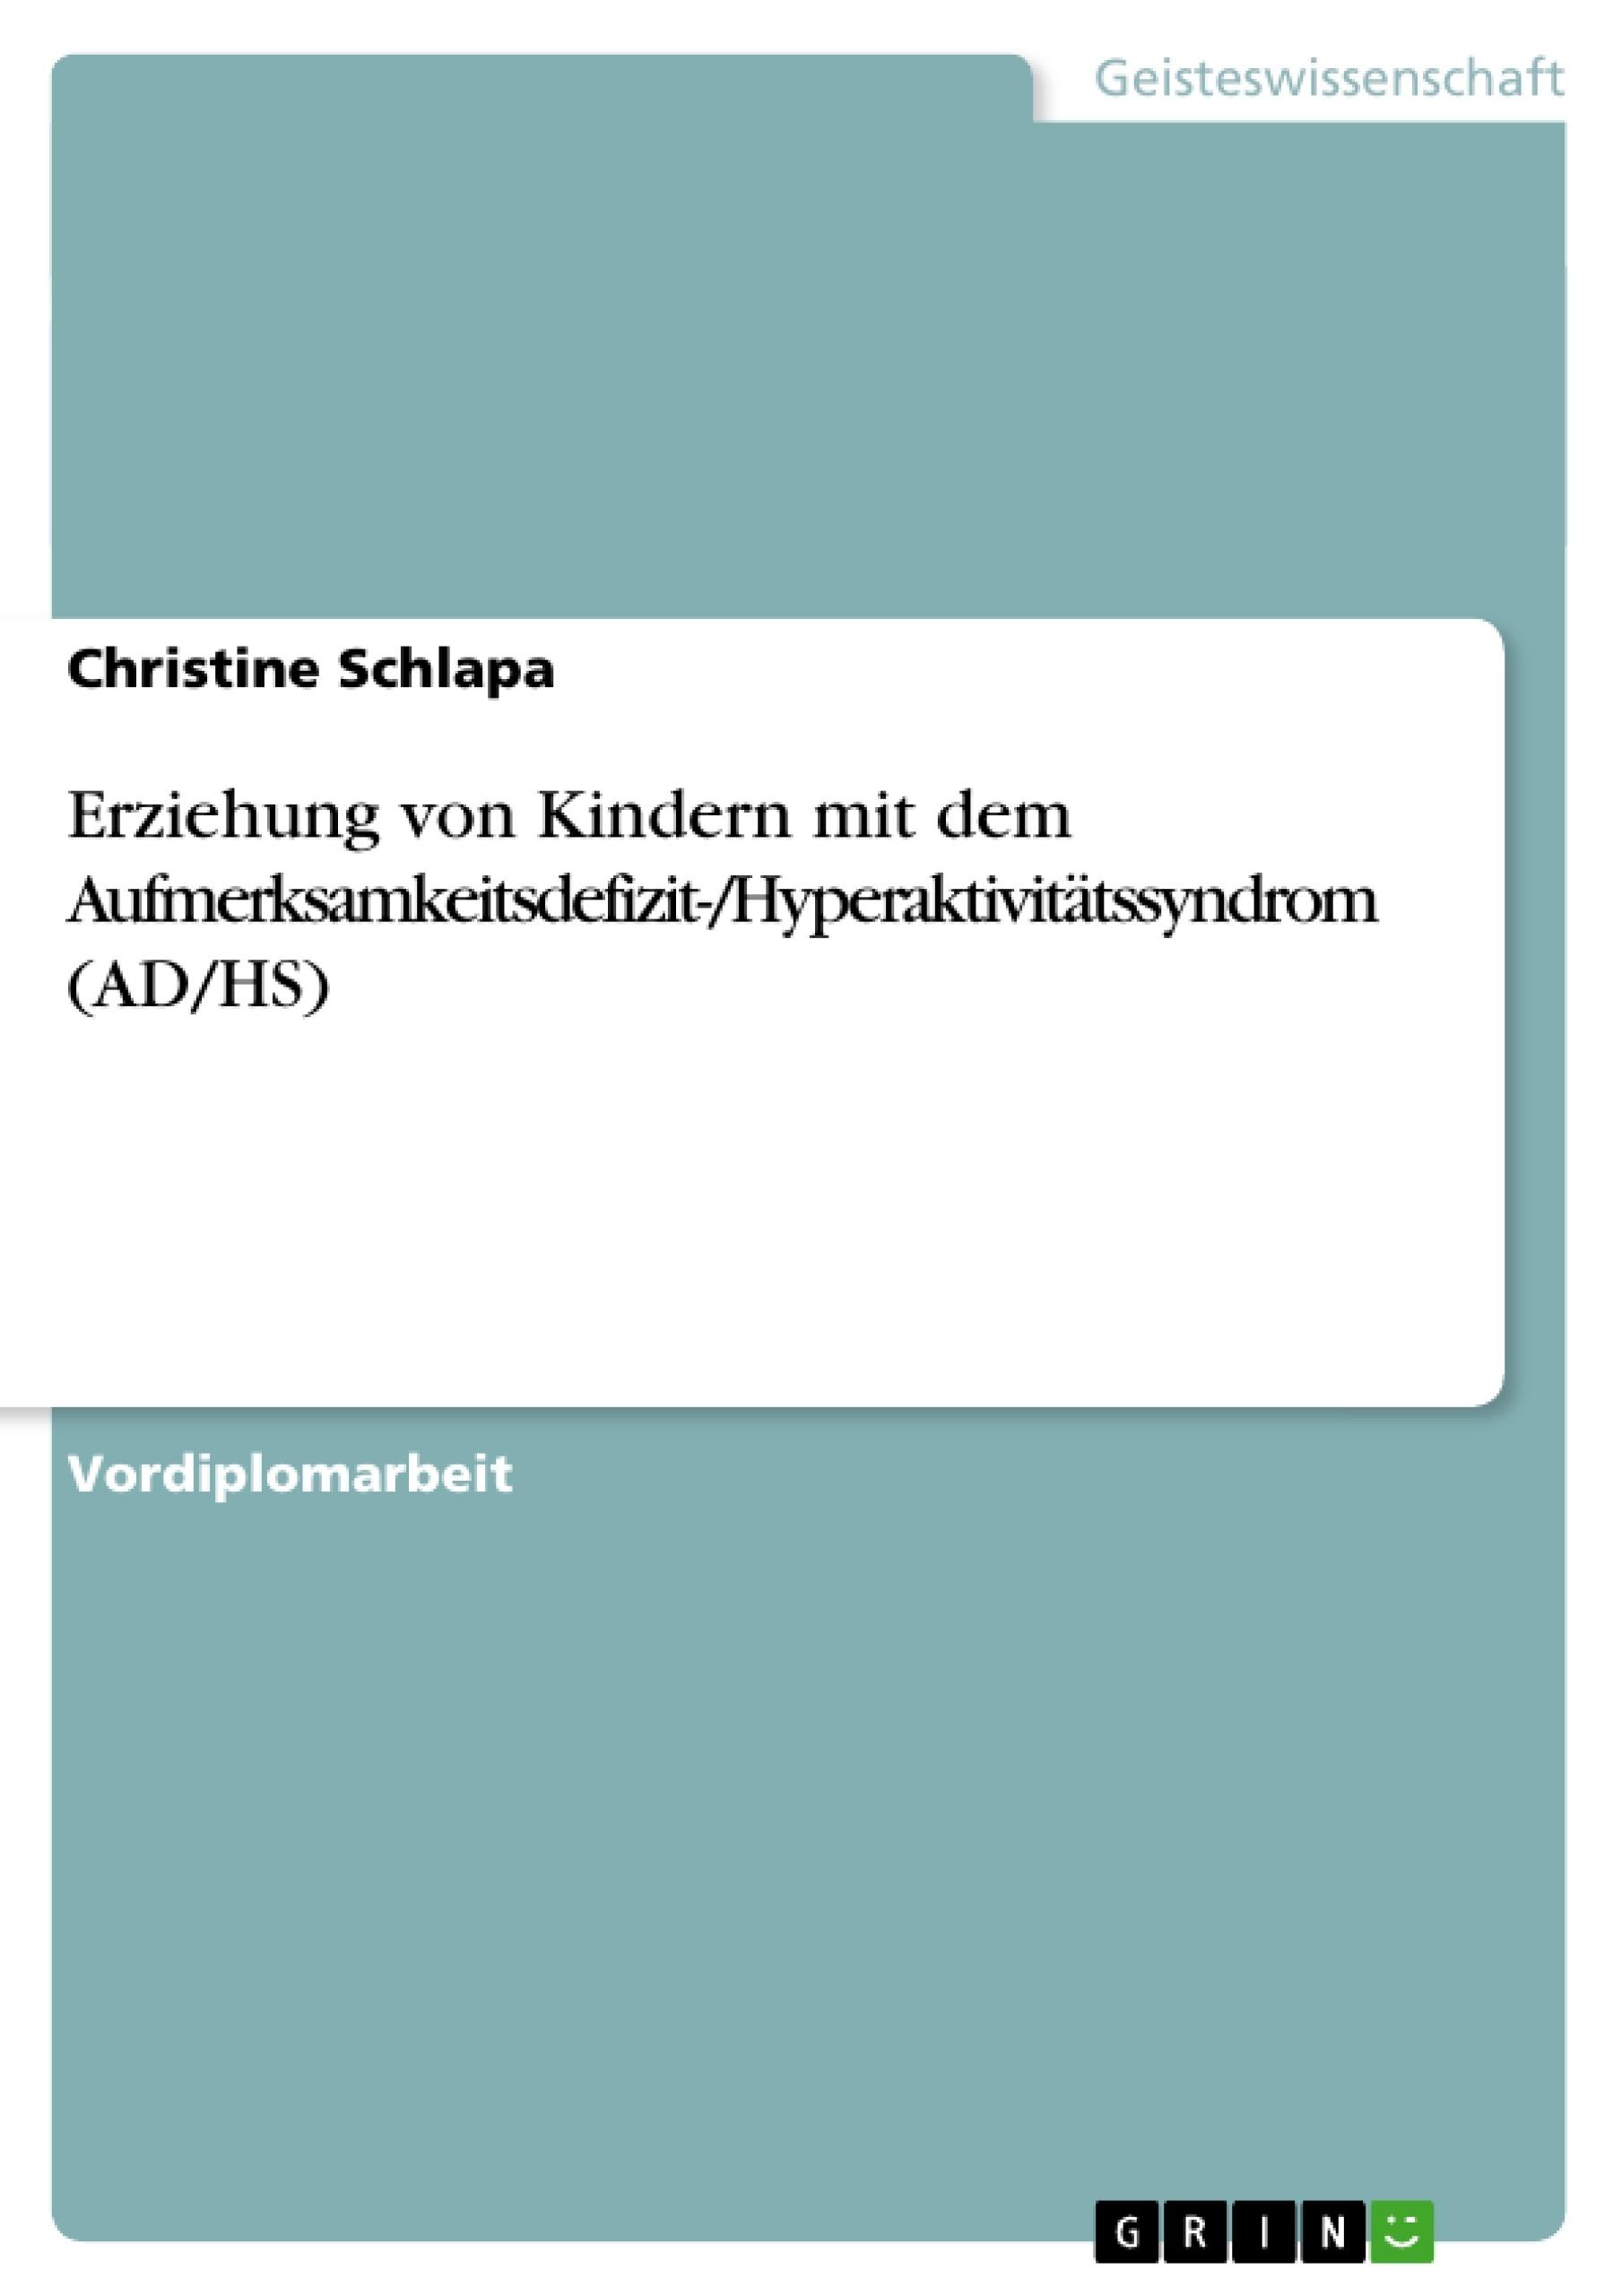 Titel: Erziehung von Kindern mit dem Aufmerksamkeitsdefizit-/Hyperaktivitätssyndrom (AD/HS)